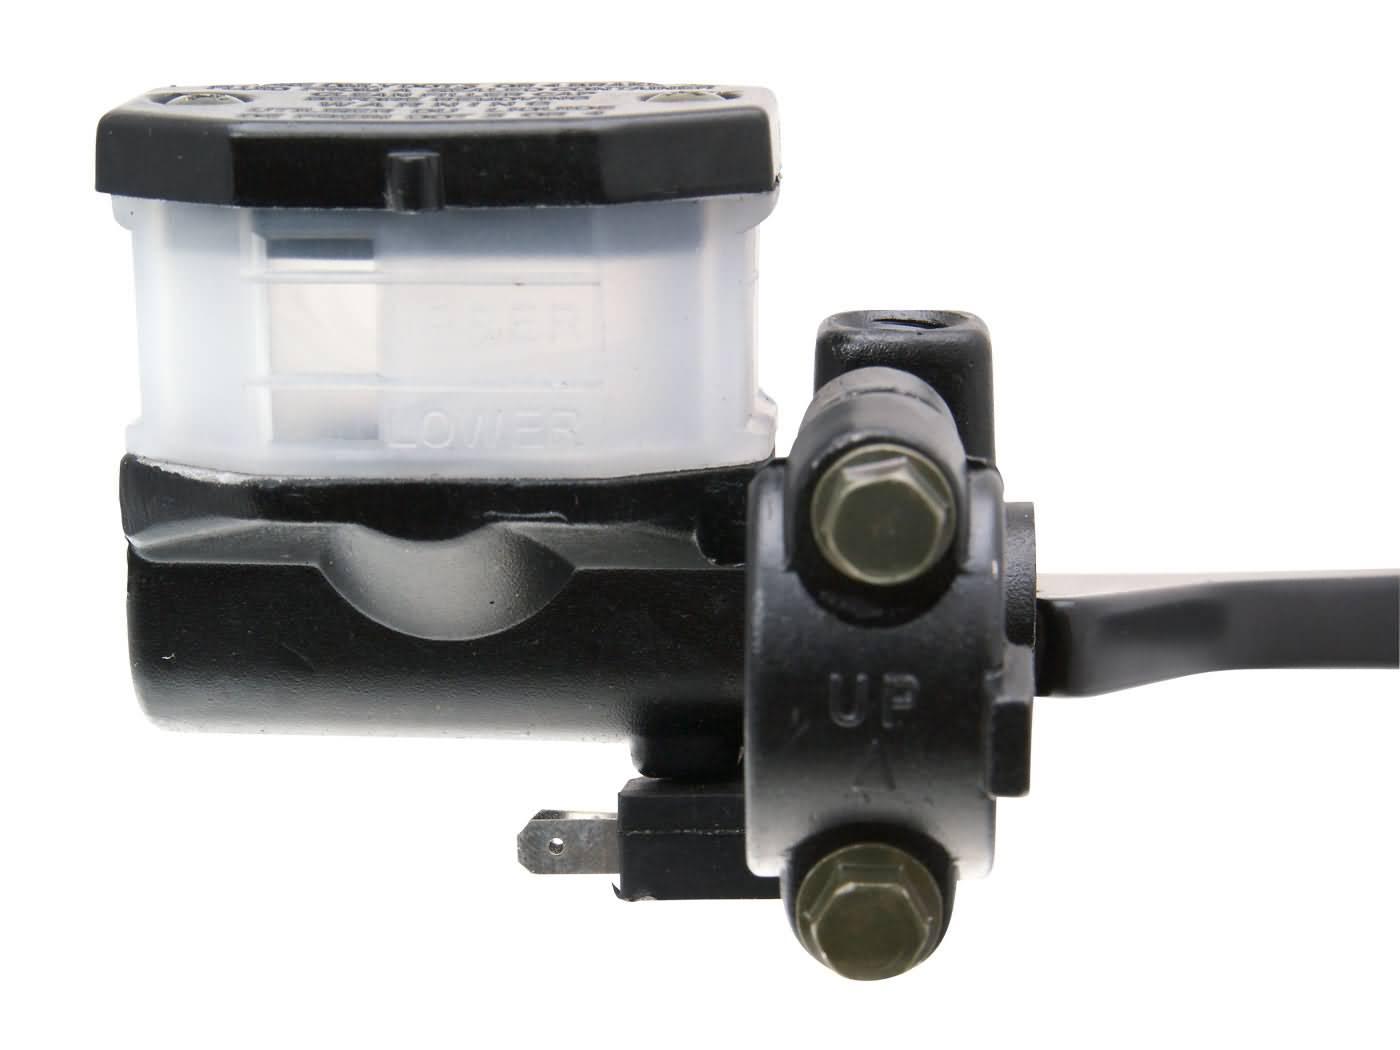 Bremspumpe Bremszylinder mit Handbremshebel vorn mit M10 Spiegelaufnahme brake